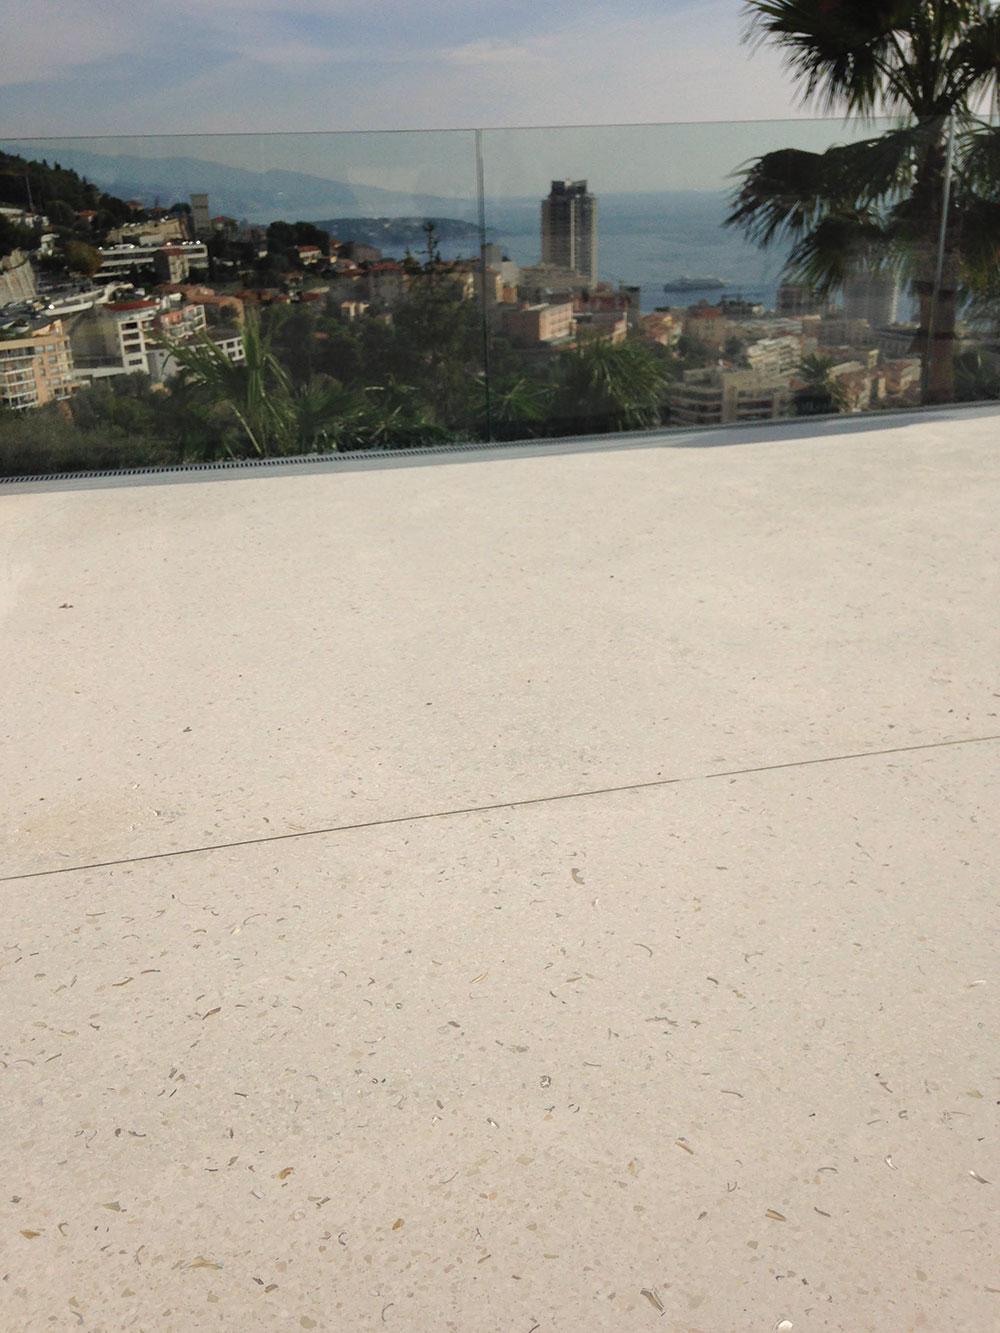 PandomoTerrazzoBasic-je-savrsen-izbor-za-proizvodnju-dekorativnih-podova-koji-se-mogu-brzo-koristiti